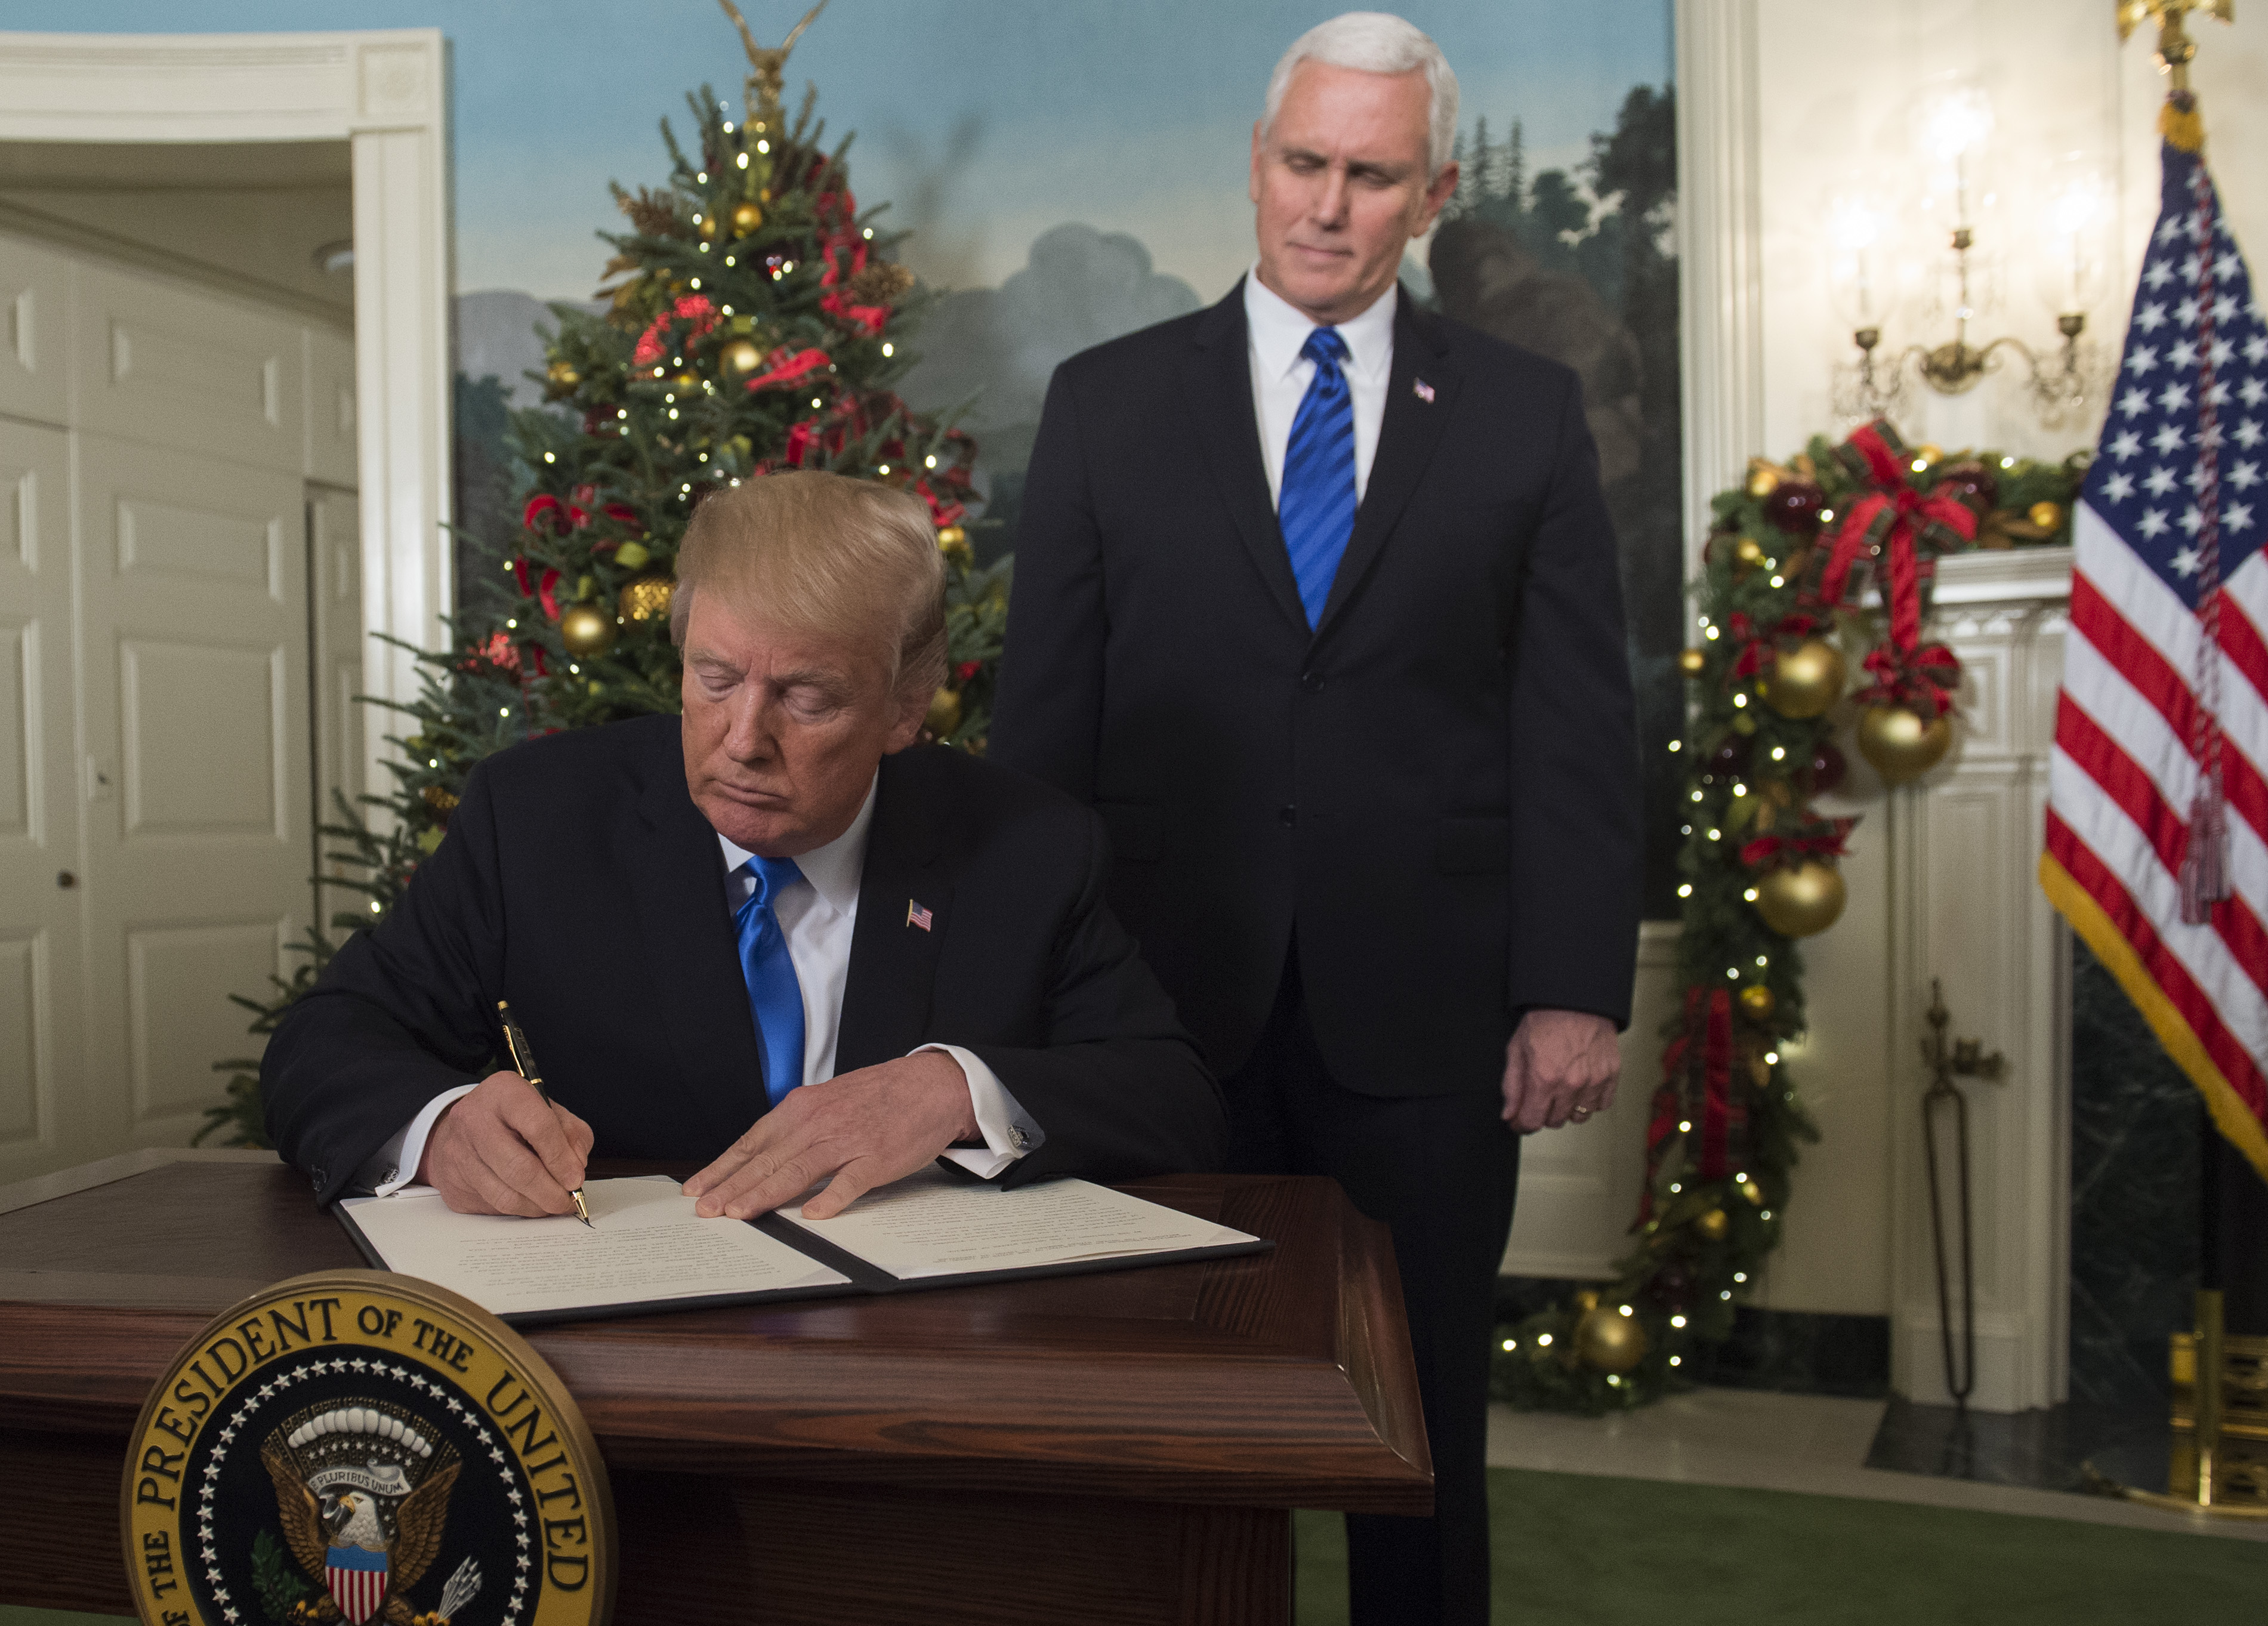 Trump jeruzsálemi döntése az amerikai keresztény jobboldal diadala